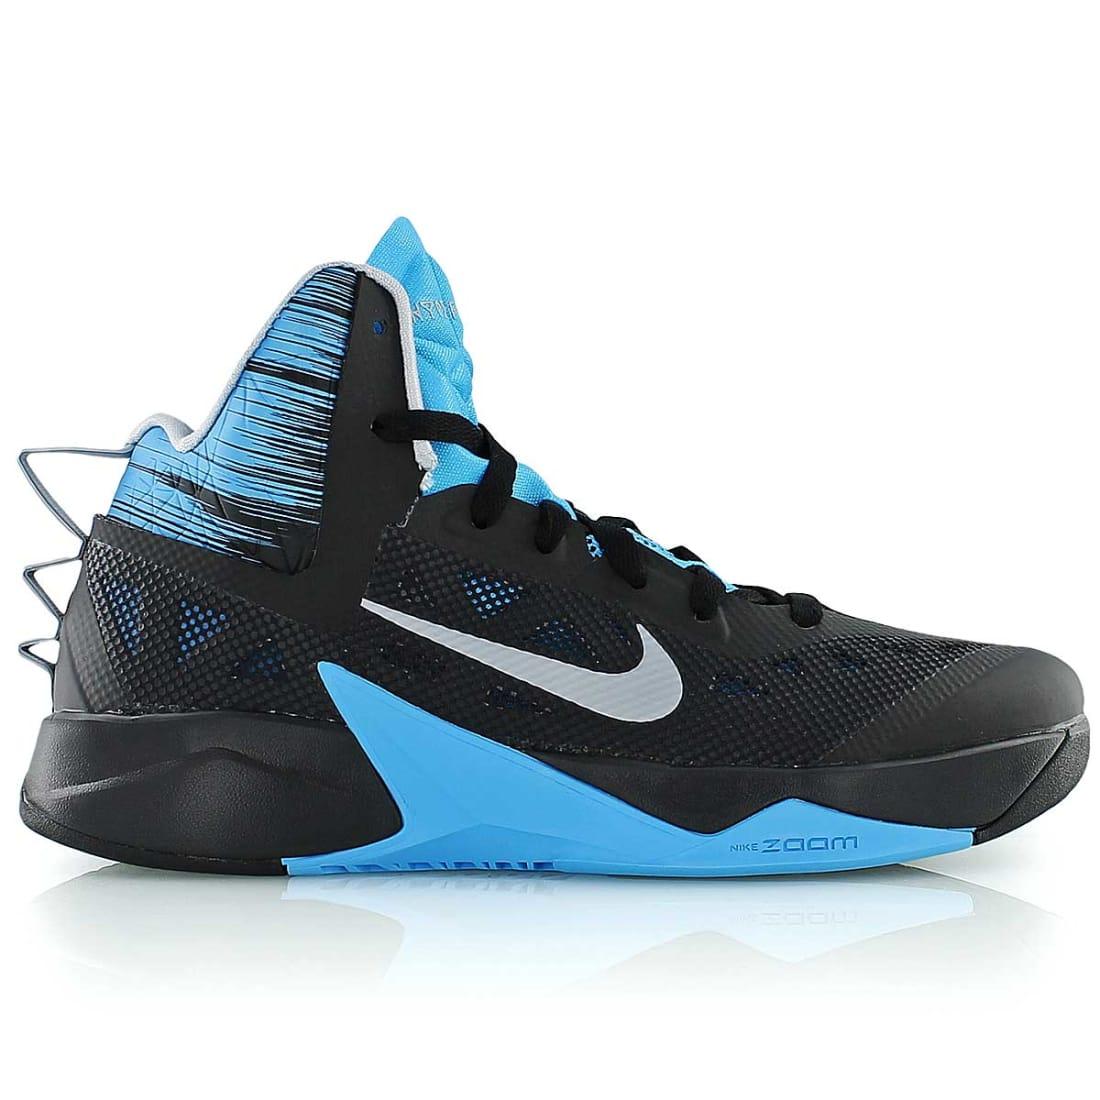 buy online 0aed2 310de Nike Zoom Hyperfuse 2013